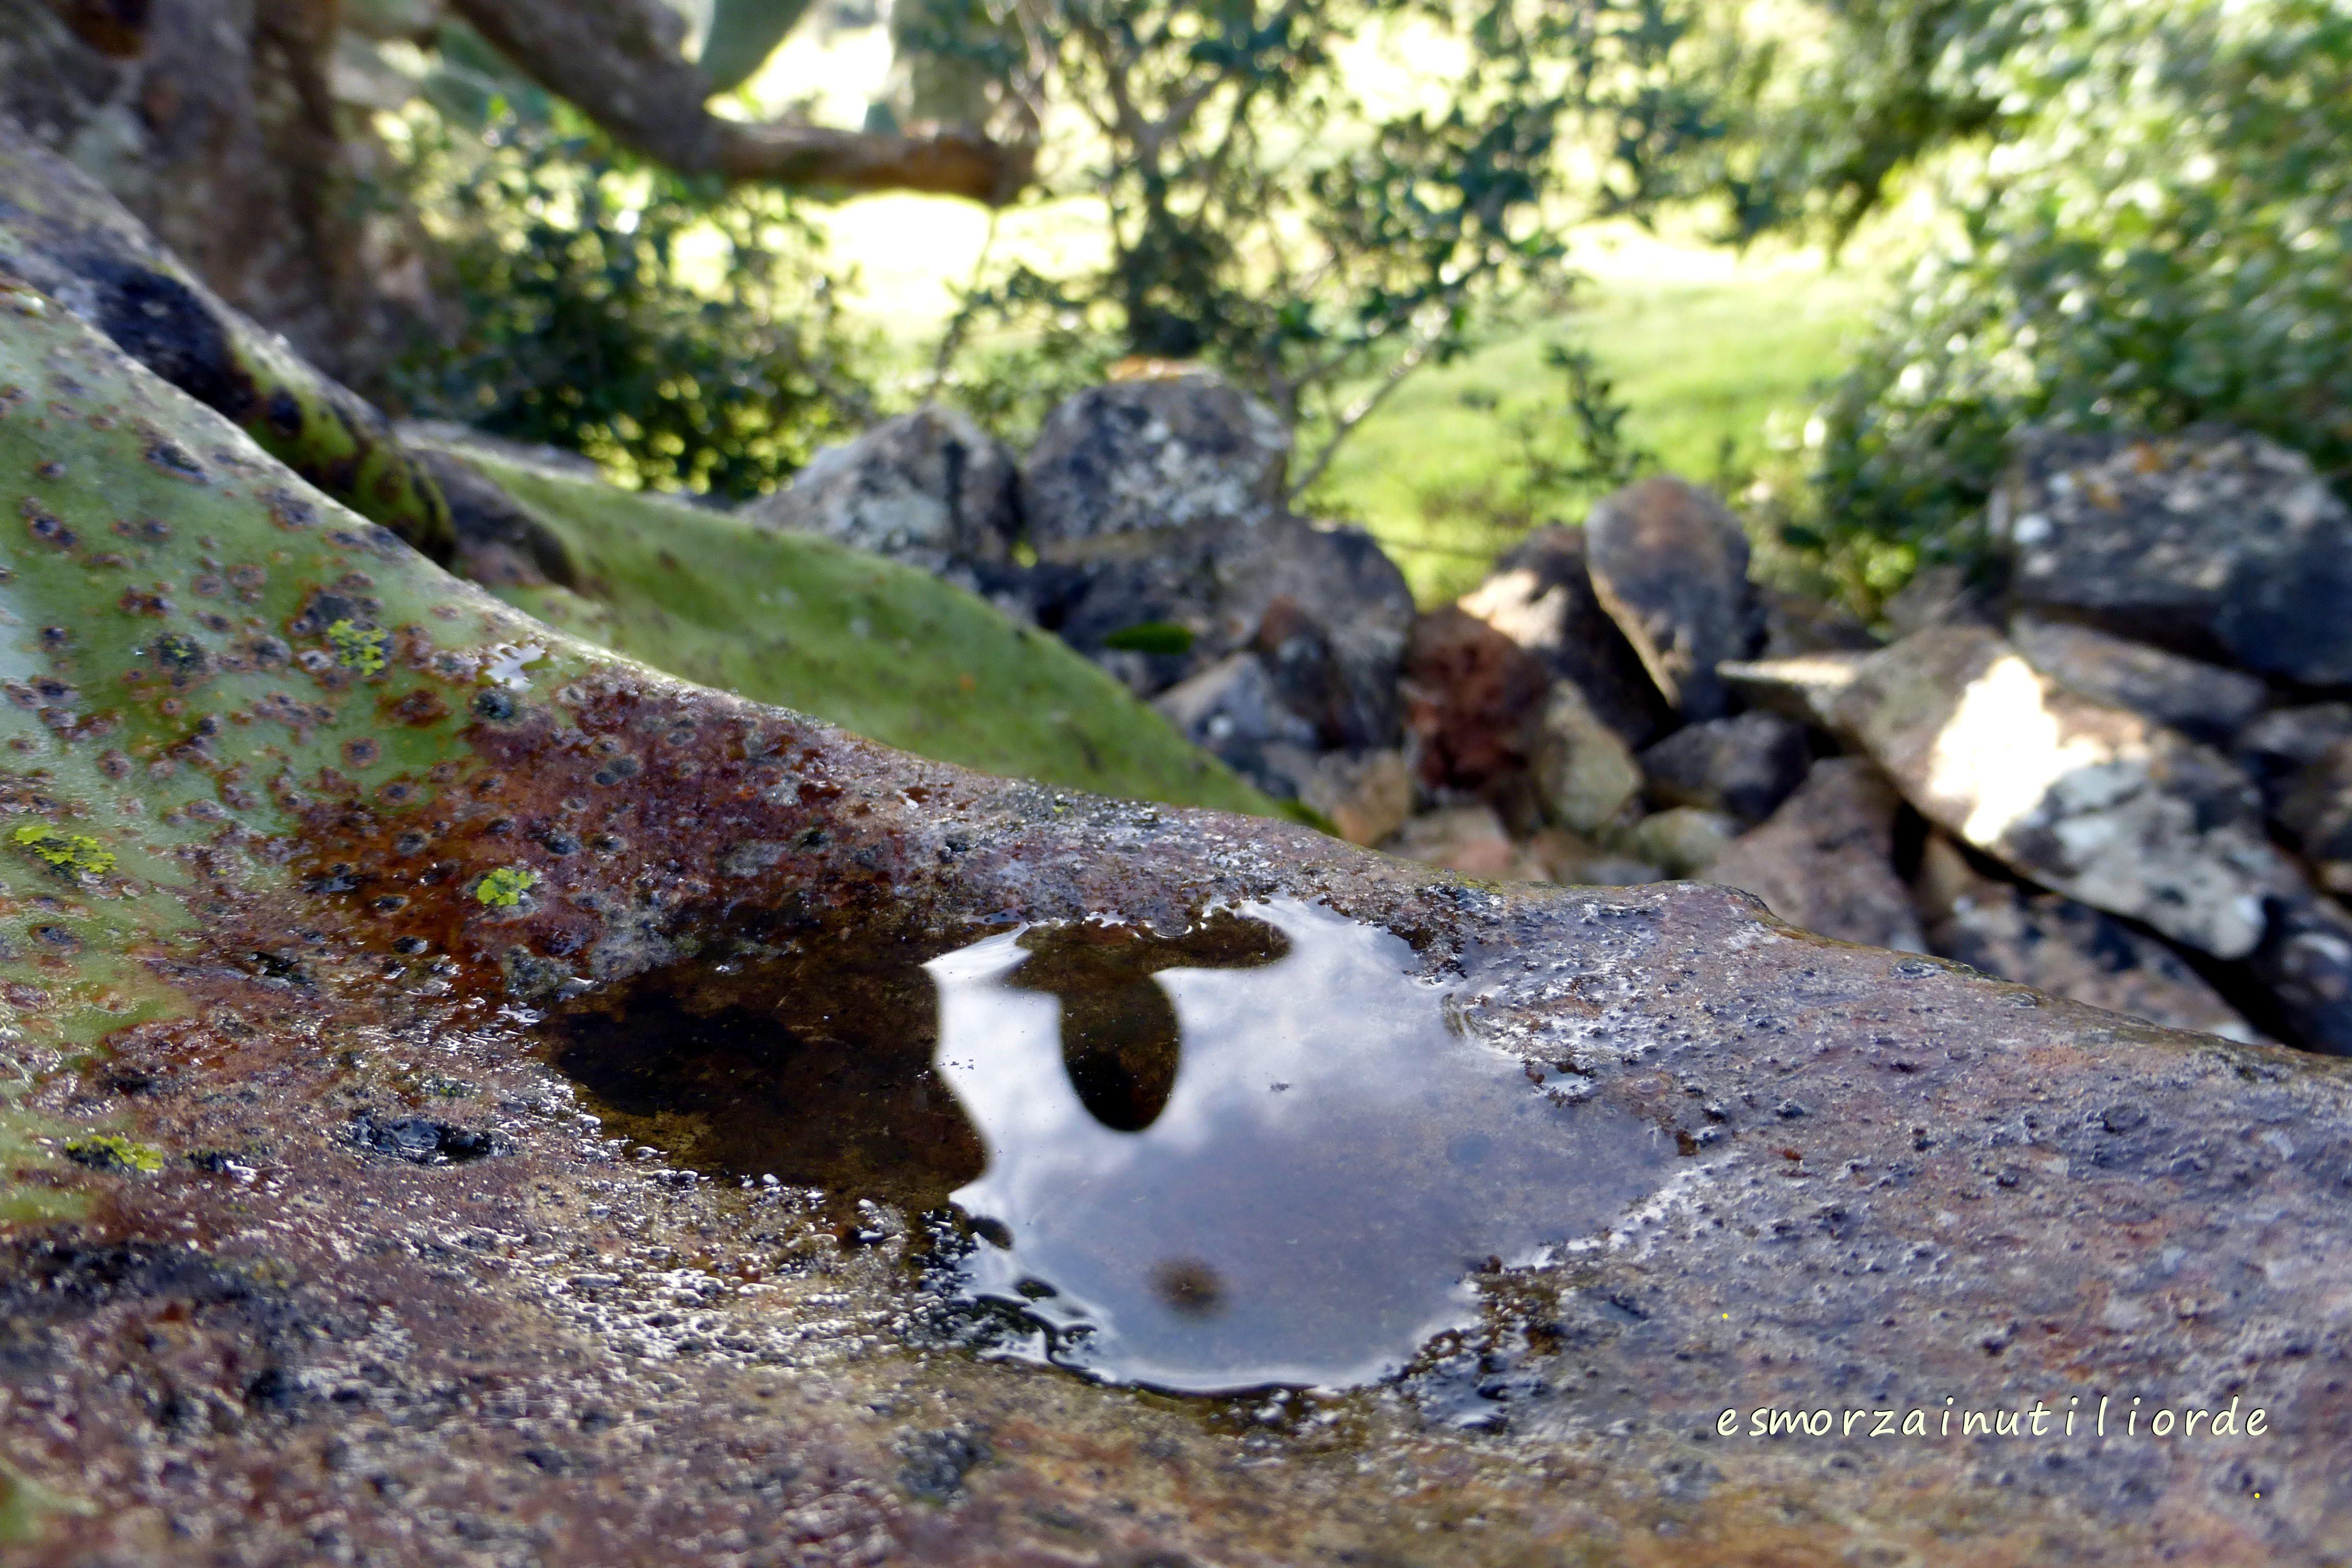 Passeggiando in campagna e riflettendo - giardino, reflections, riflessi, selvatico, verde